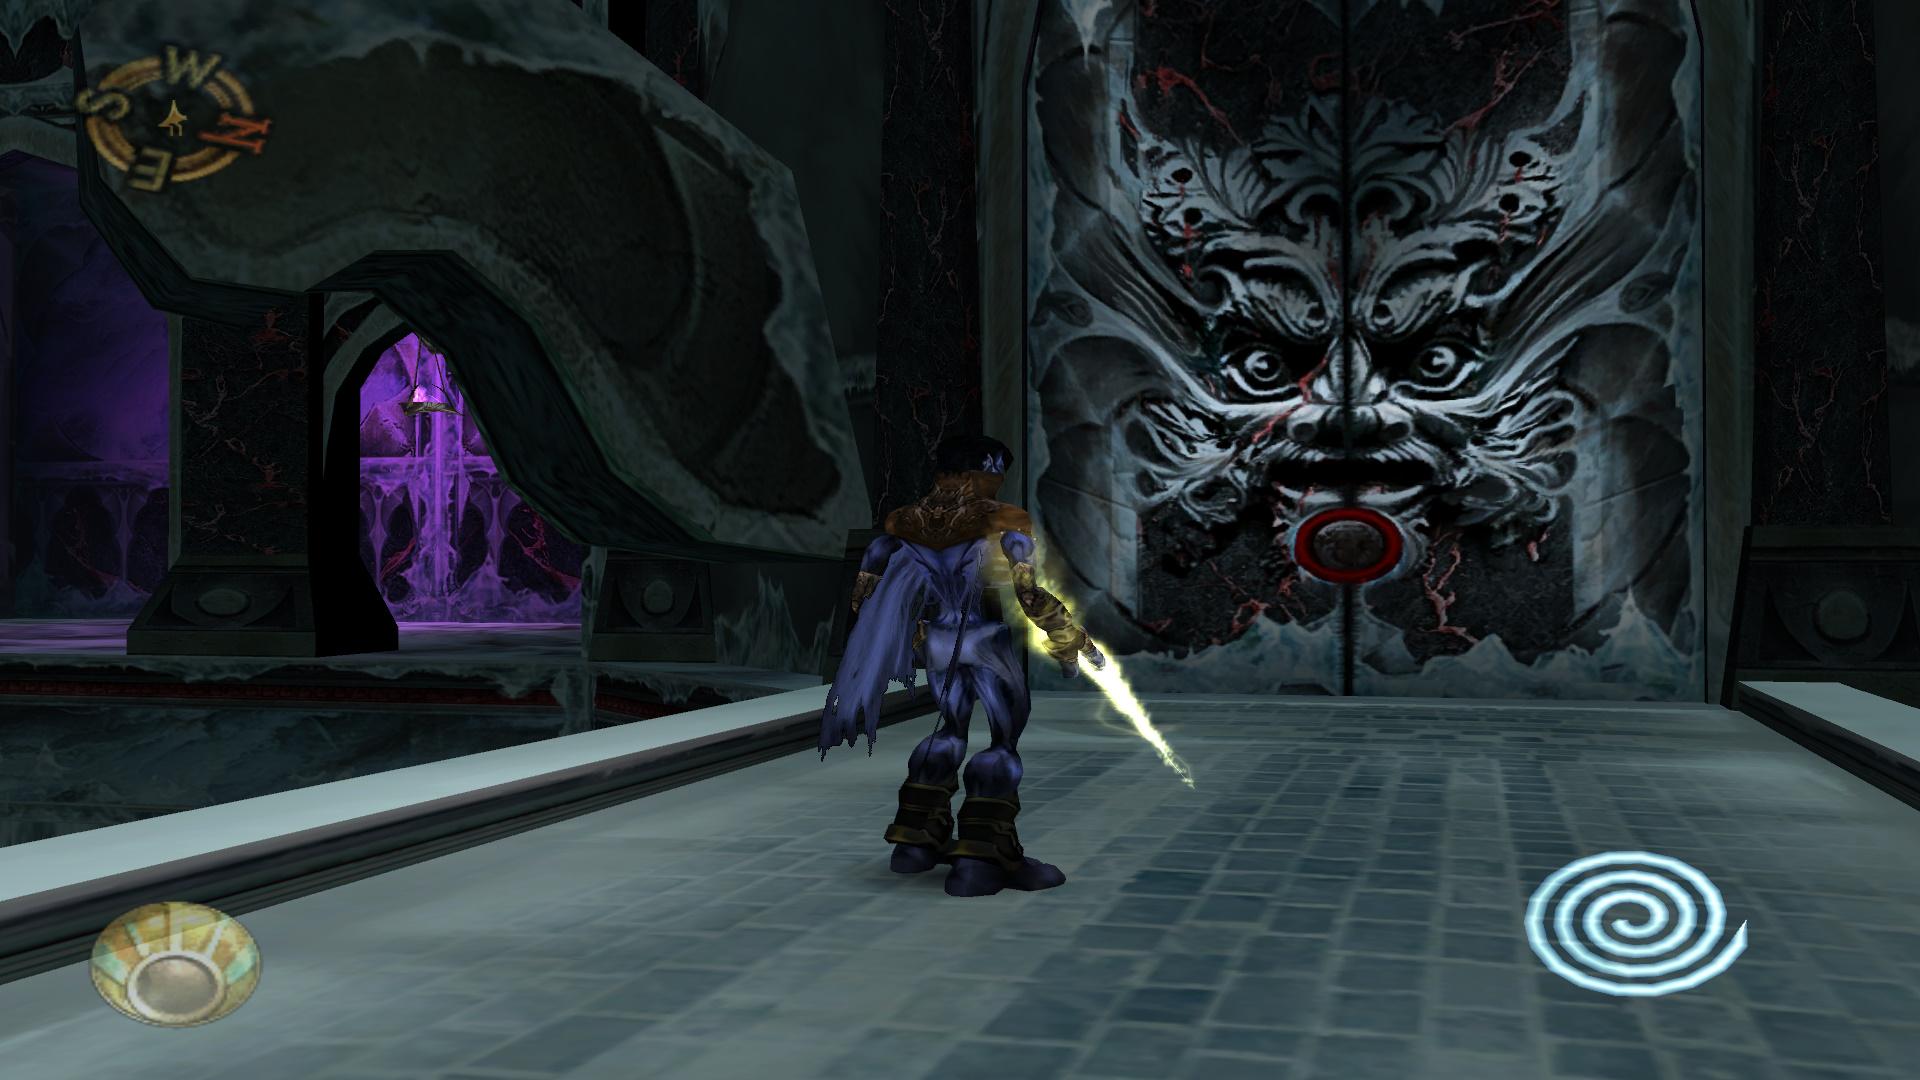 sr2 2019-05-17 00-20-07-052.jpg - Legacy of Kain: Soul Reaver 2